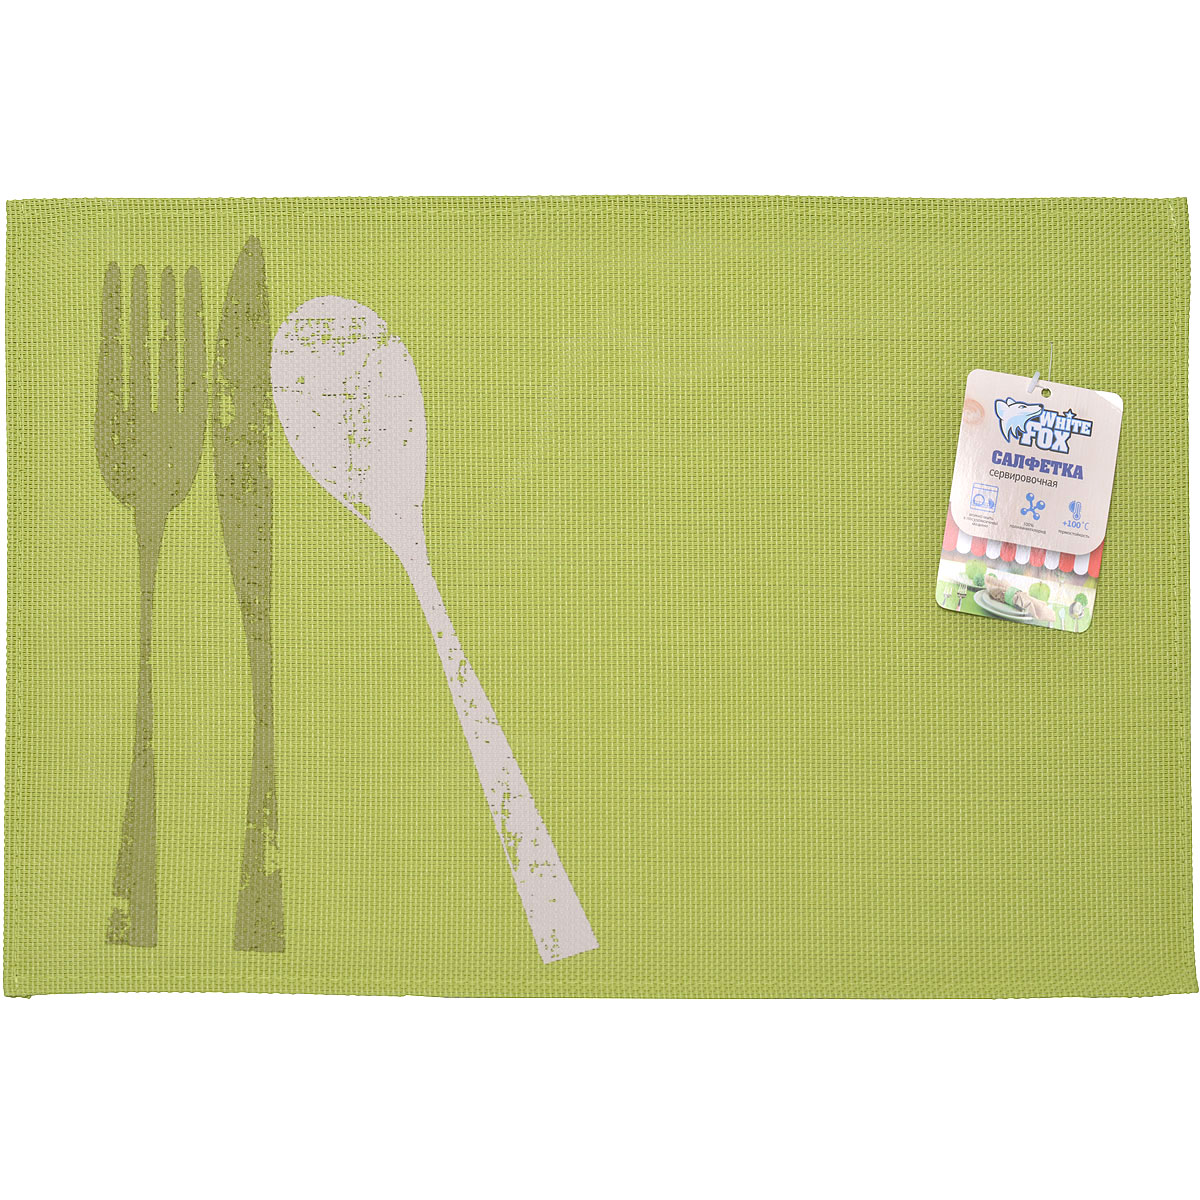 Салфетка сервировочная White Fox Приборы, цвет: зеленый, 30 x 45 см, 4 штVT-1520(SR)Салфетка White Fox Приборы, выполненная из ПВХ, предназначена для сервировки стола. Она служит защитой от царапин и различных следов, а также используется в качестве подставки под горячее. Дизайнерский рисунок дополнит стильную сервировку стола. Край салфетки прострочен, что позволяет плетению не рассыпаться.